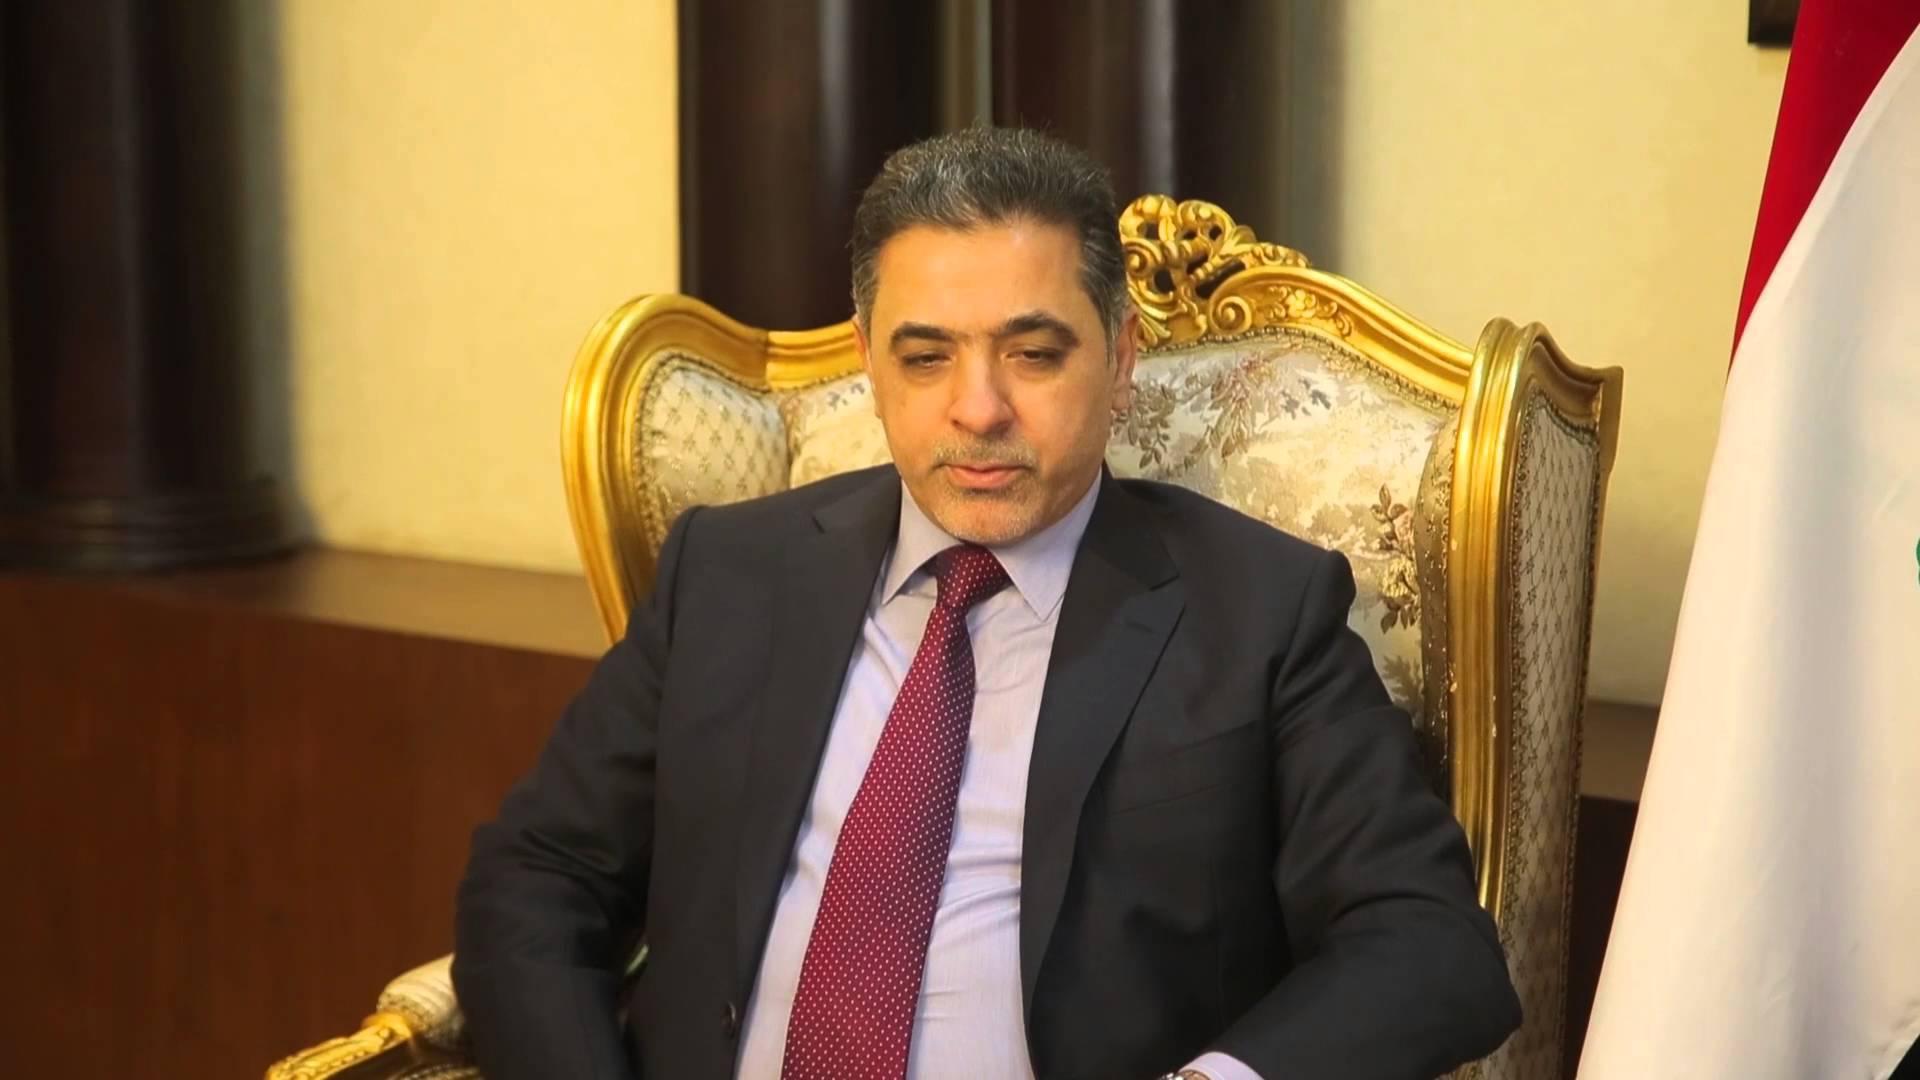 وزير الداخلية: قدمت استقالتي من منصبي الى رئيس الوزراء